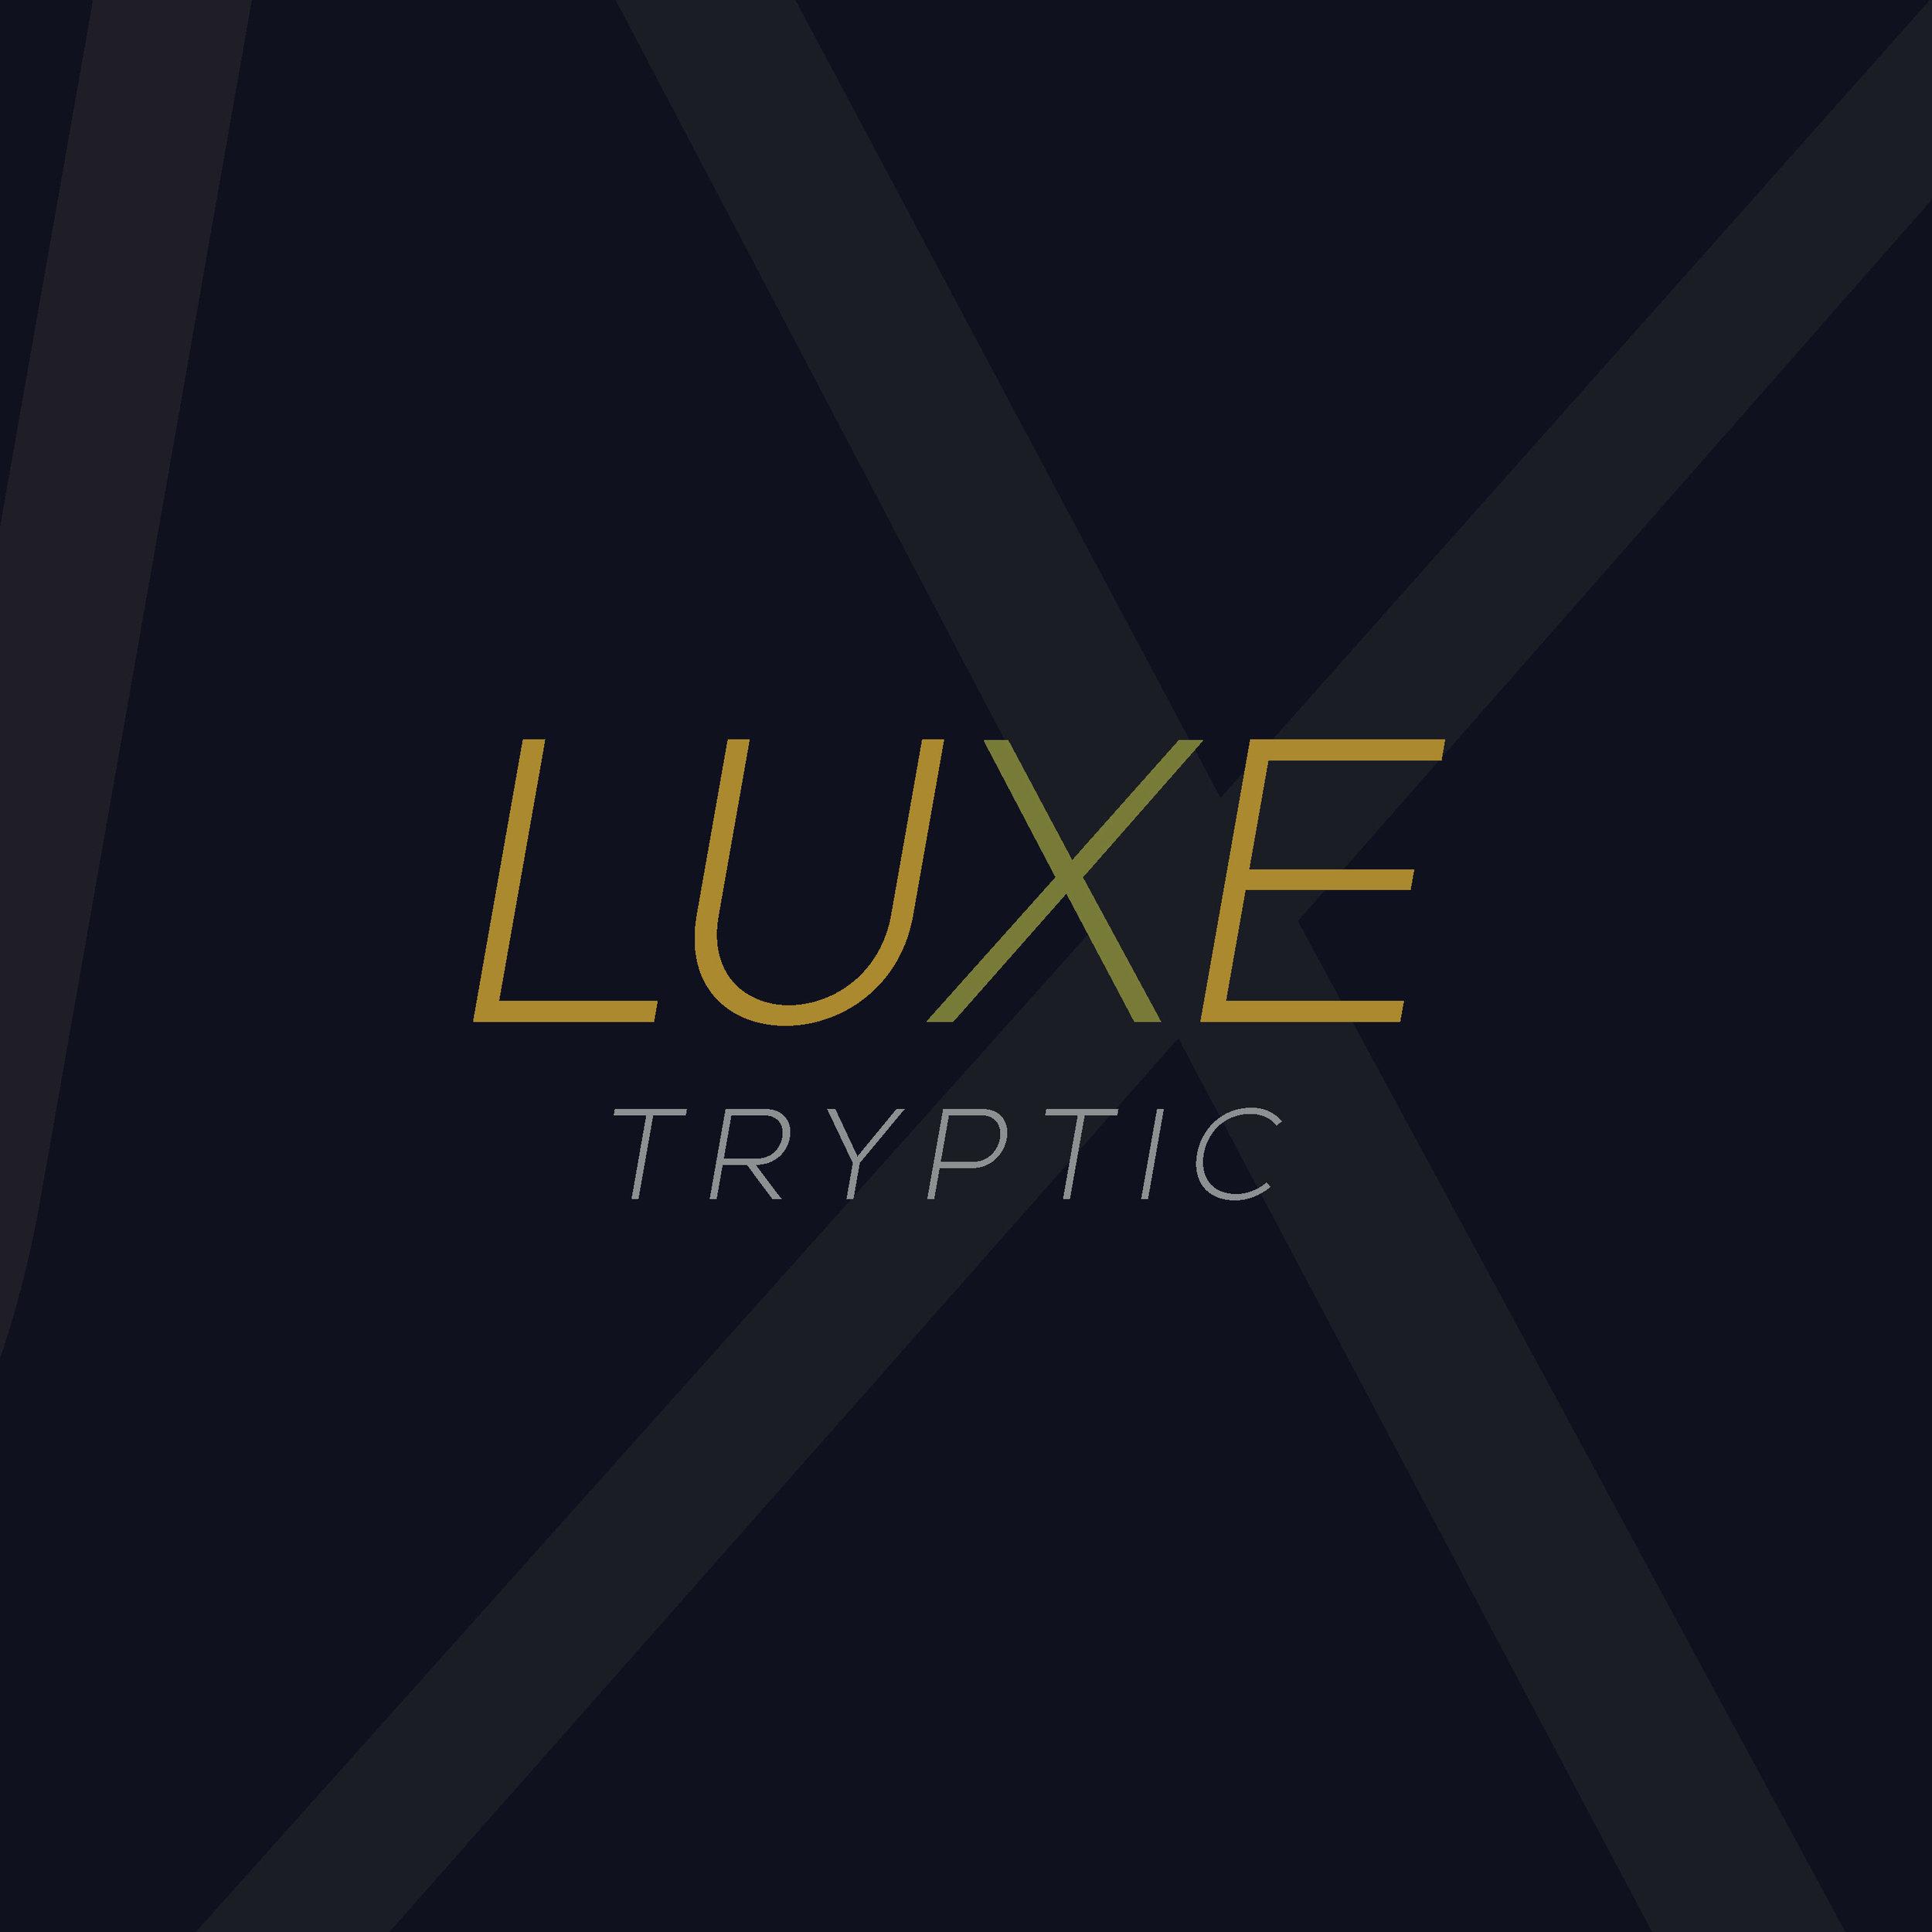 LUXE3.jpg